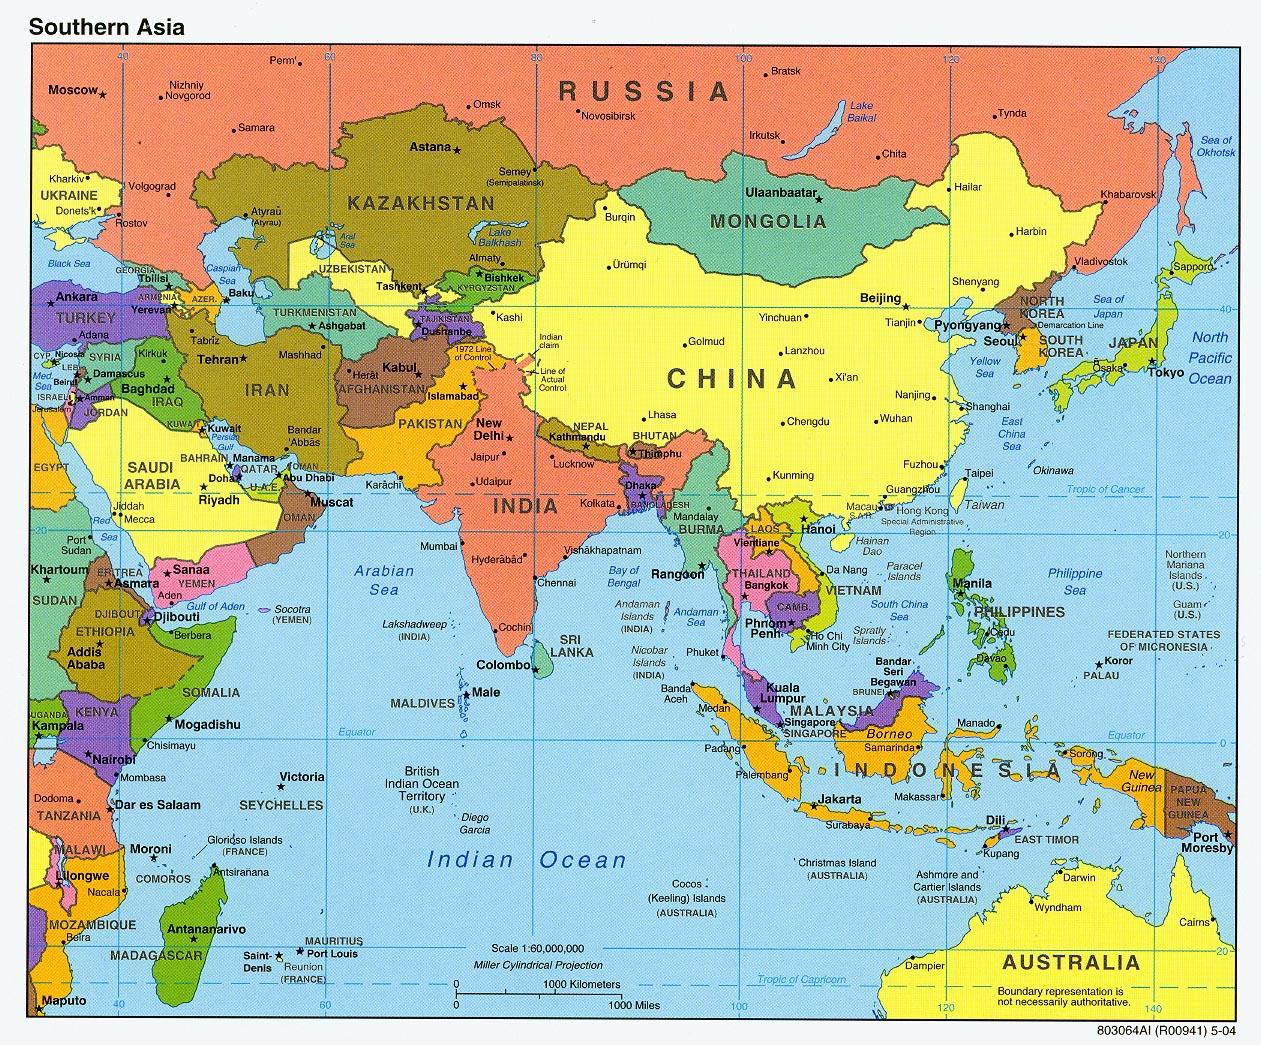 Asya kıtasında hangi uelkeler yer alır asya kıtası uelkeleri asya